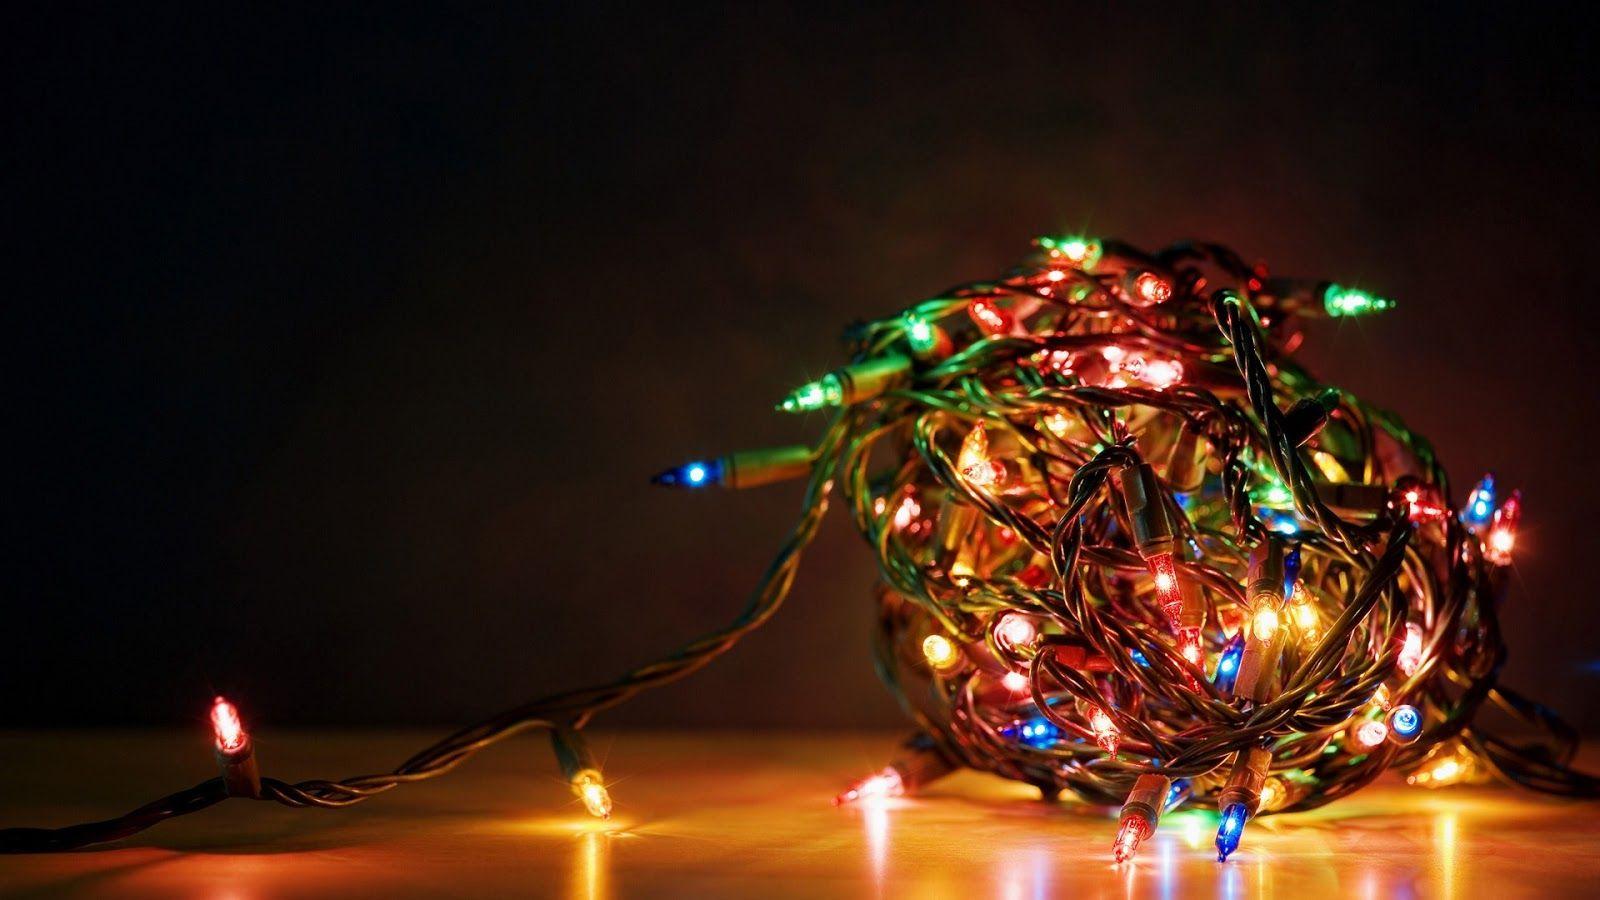 Dual Monitor Wallpaper Christmas Lights